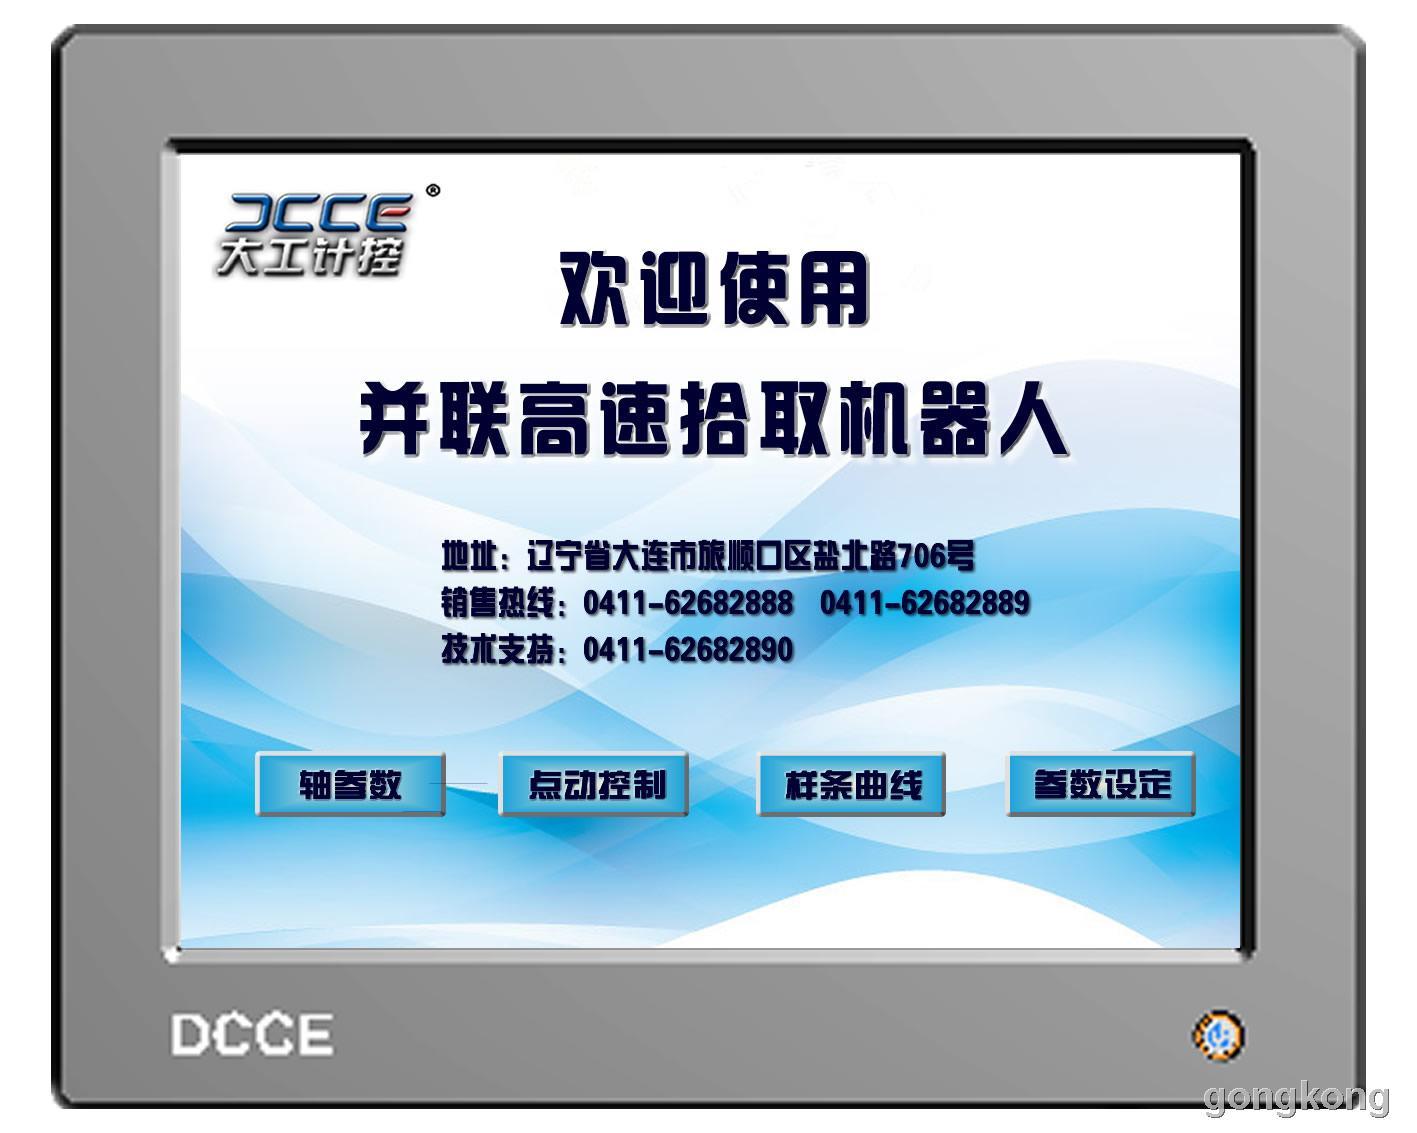 大工計控 iTC1015 PAC可編程控制器